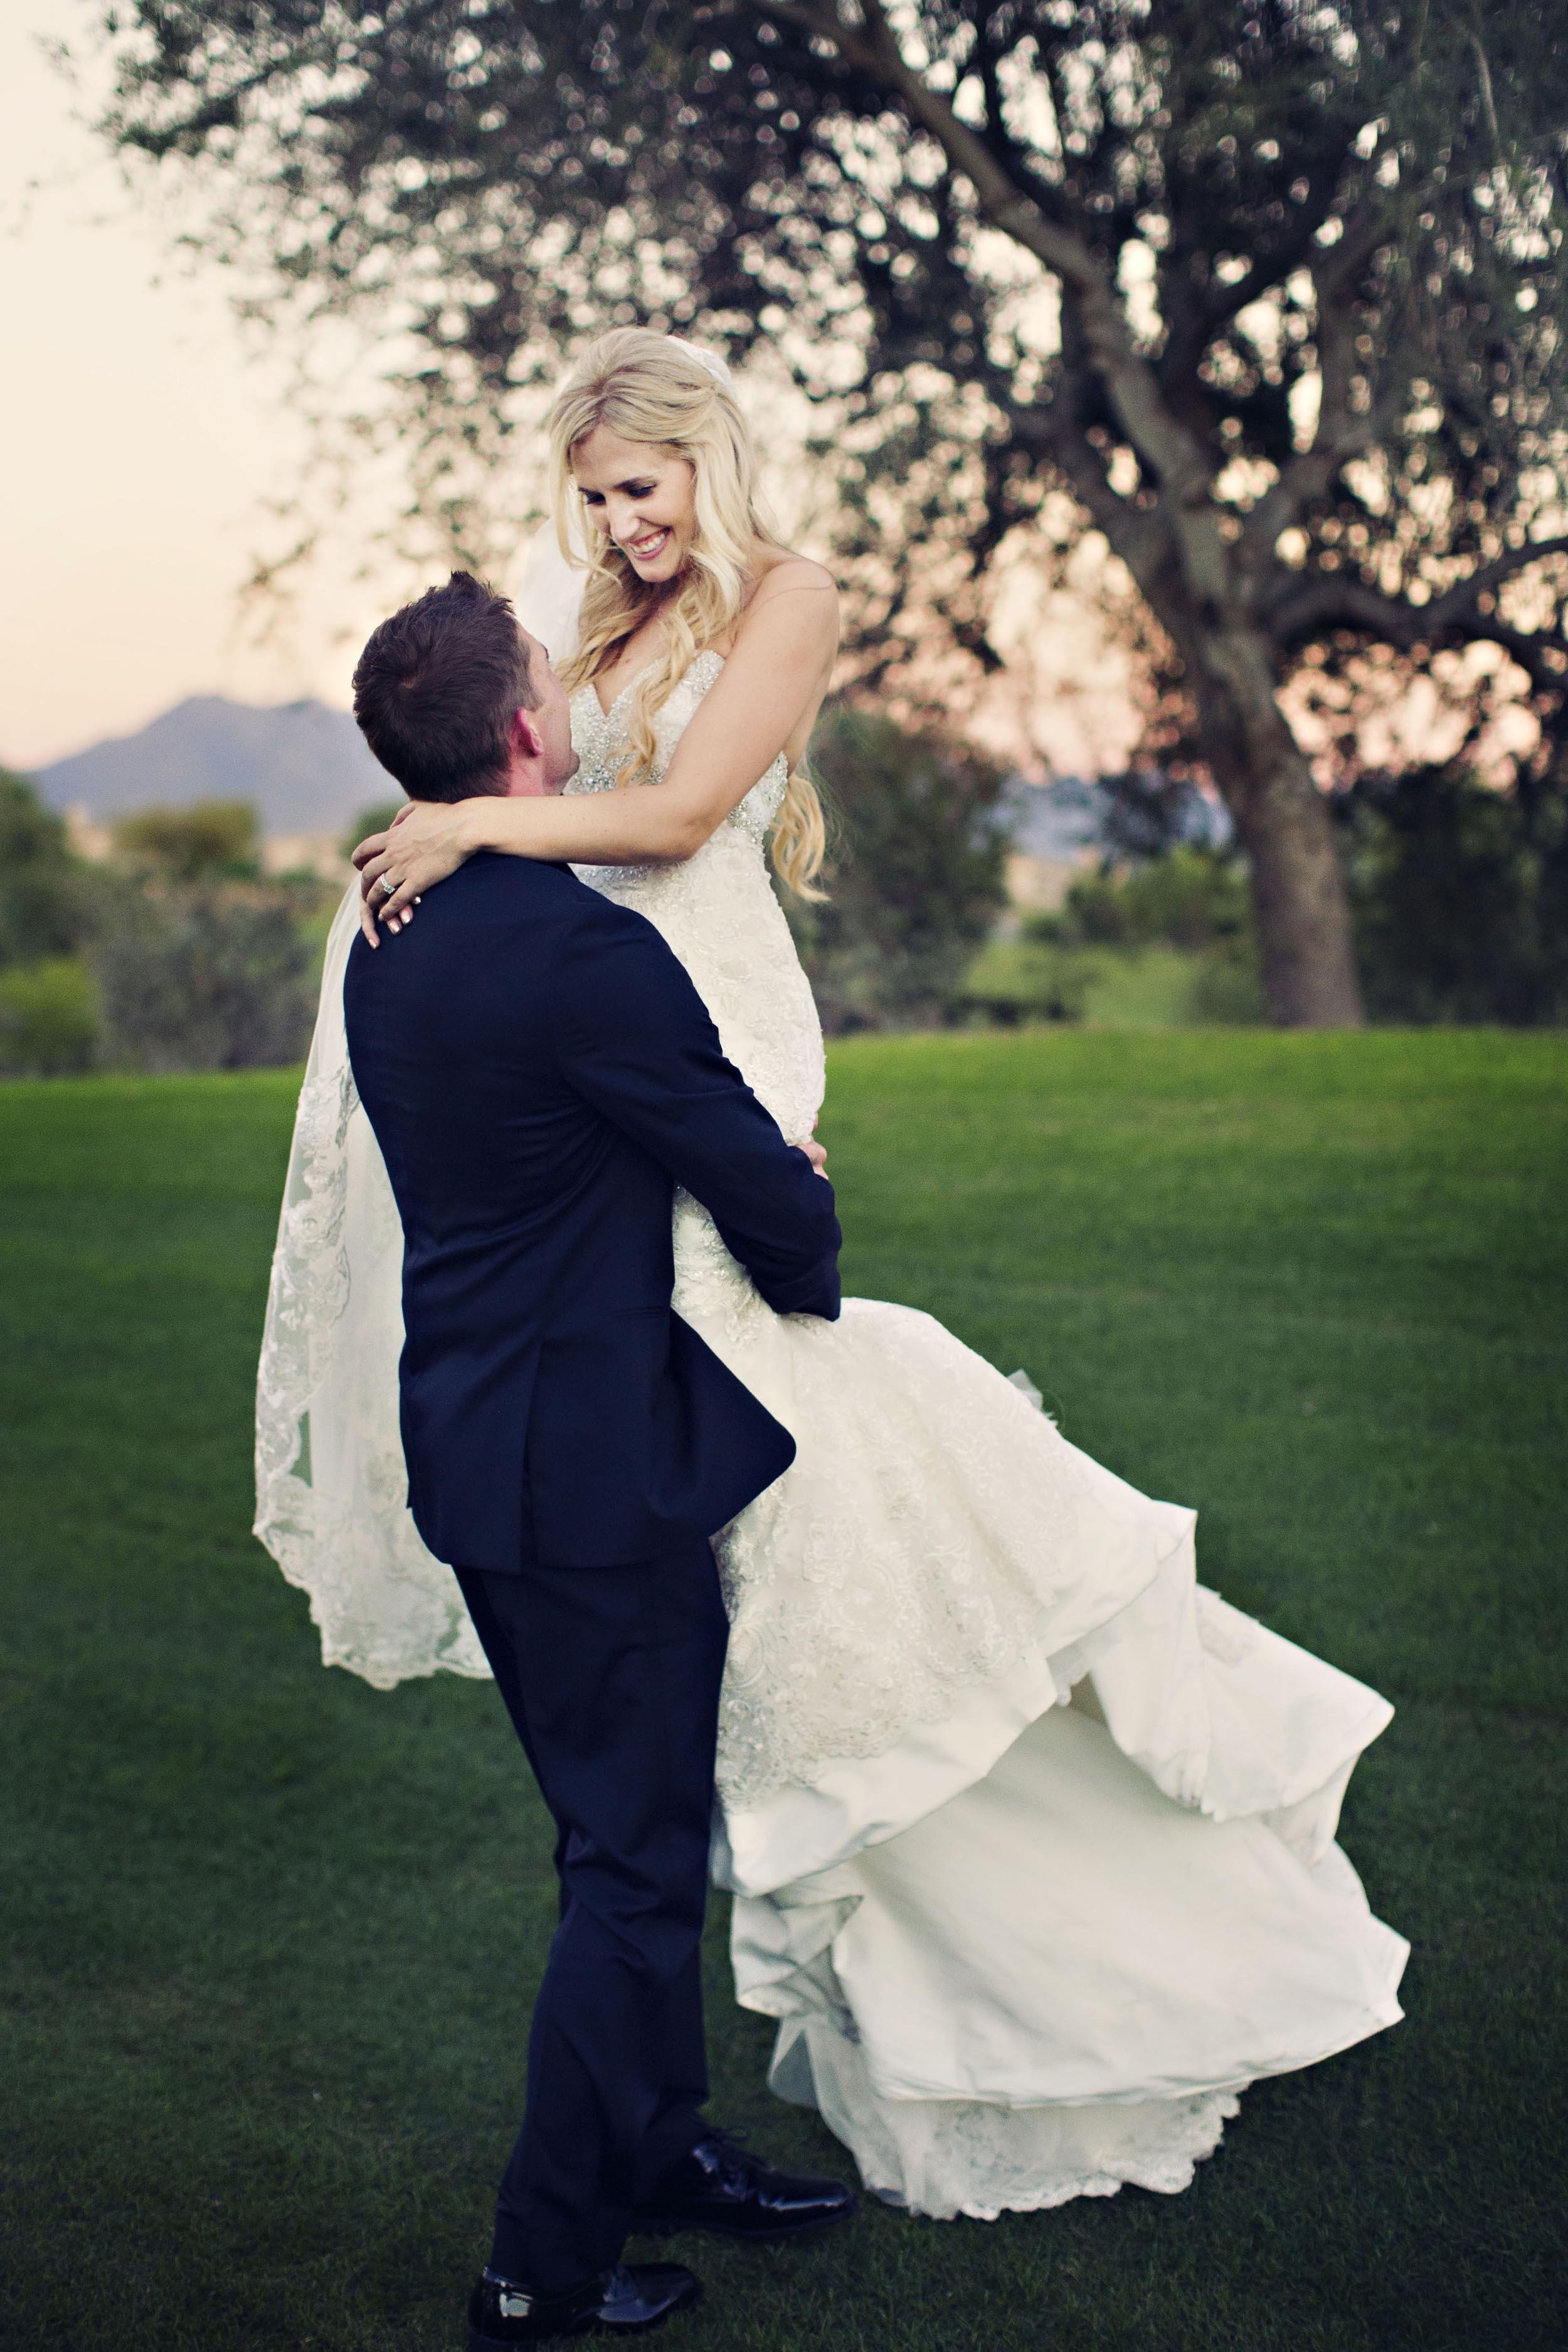 weddings-scottsdale-26.JPG